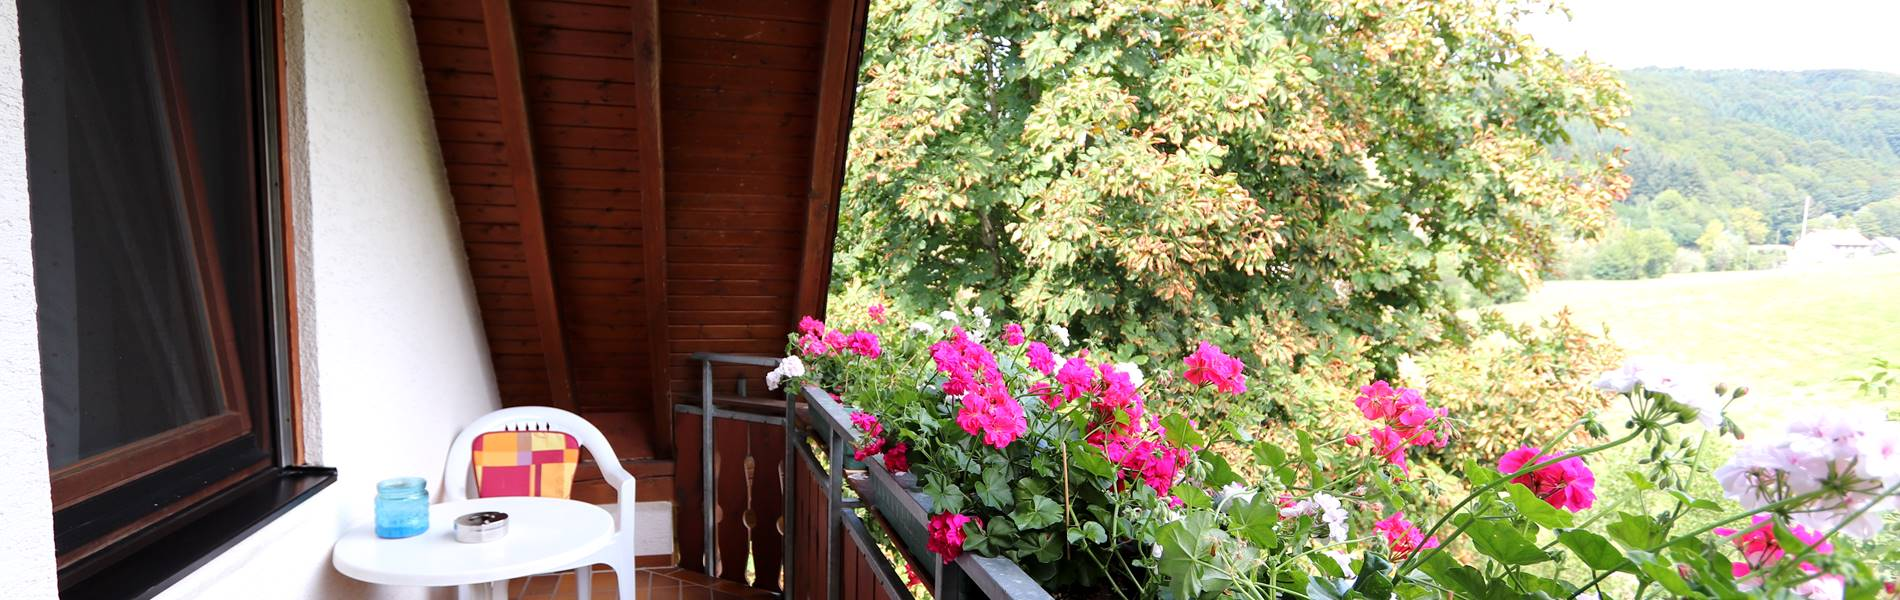 Balkon Gästezimmer Pension Schneider